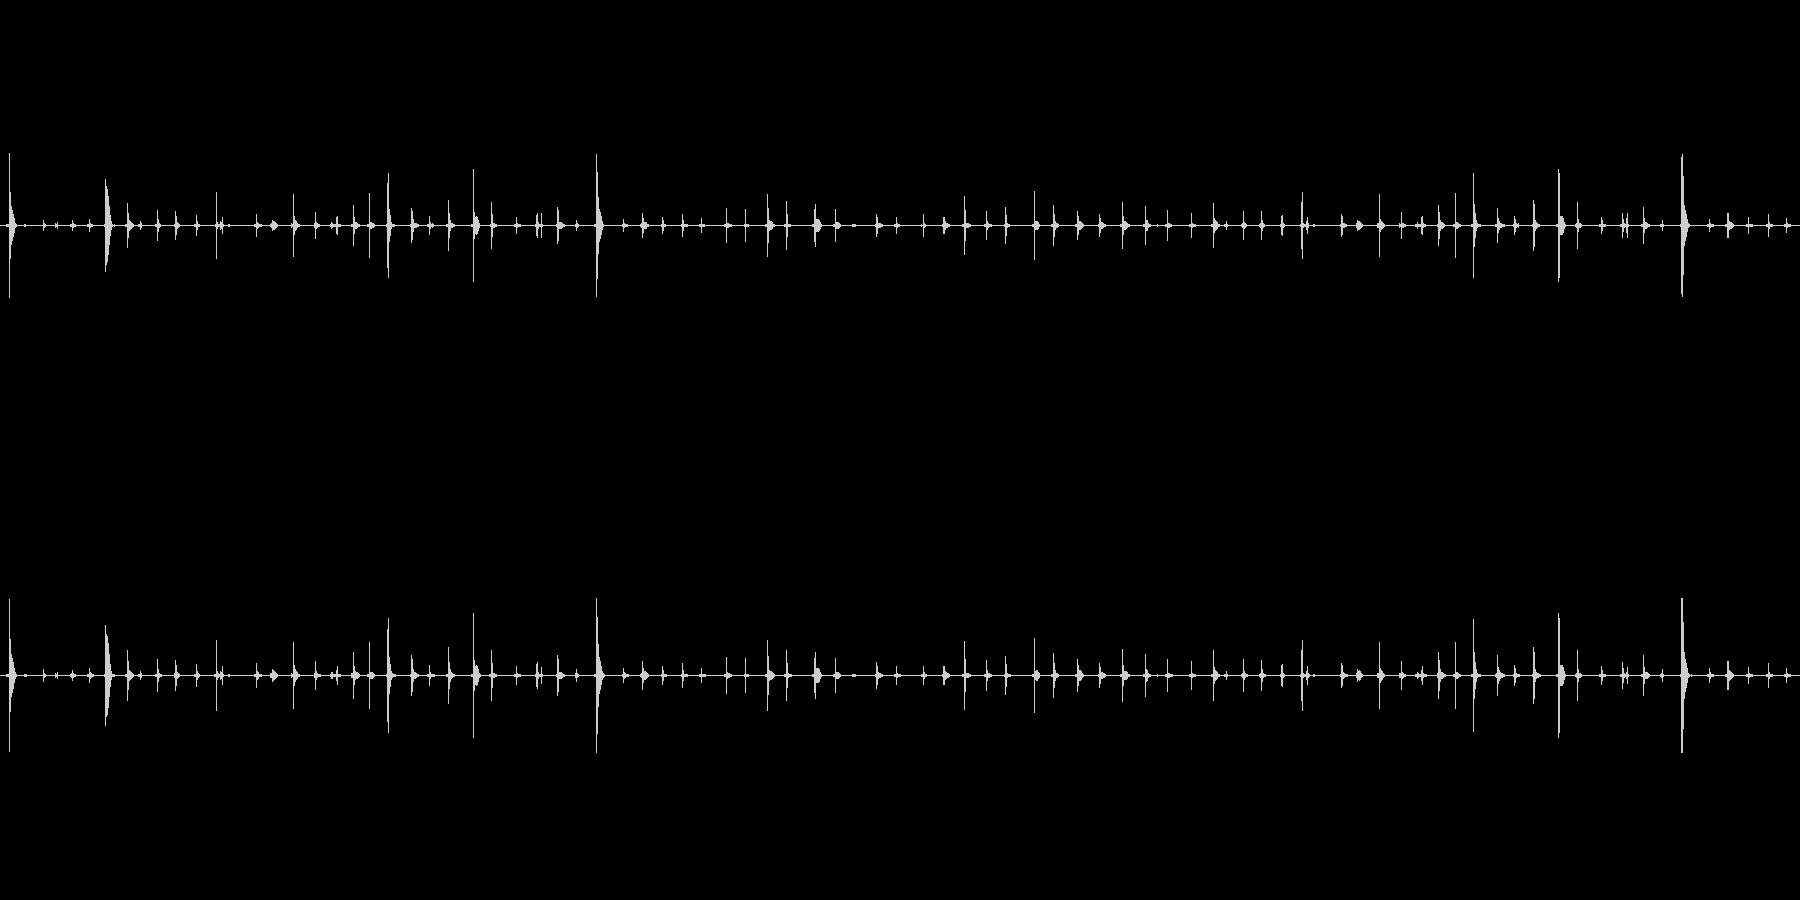 チャポンチャポン(水が滴る音)の未再生の波形